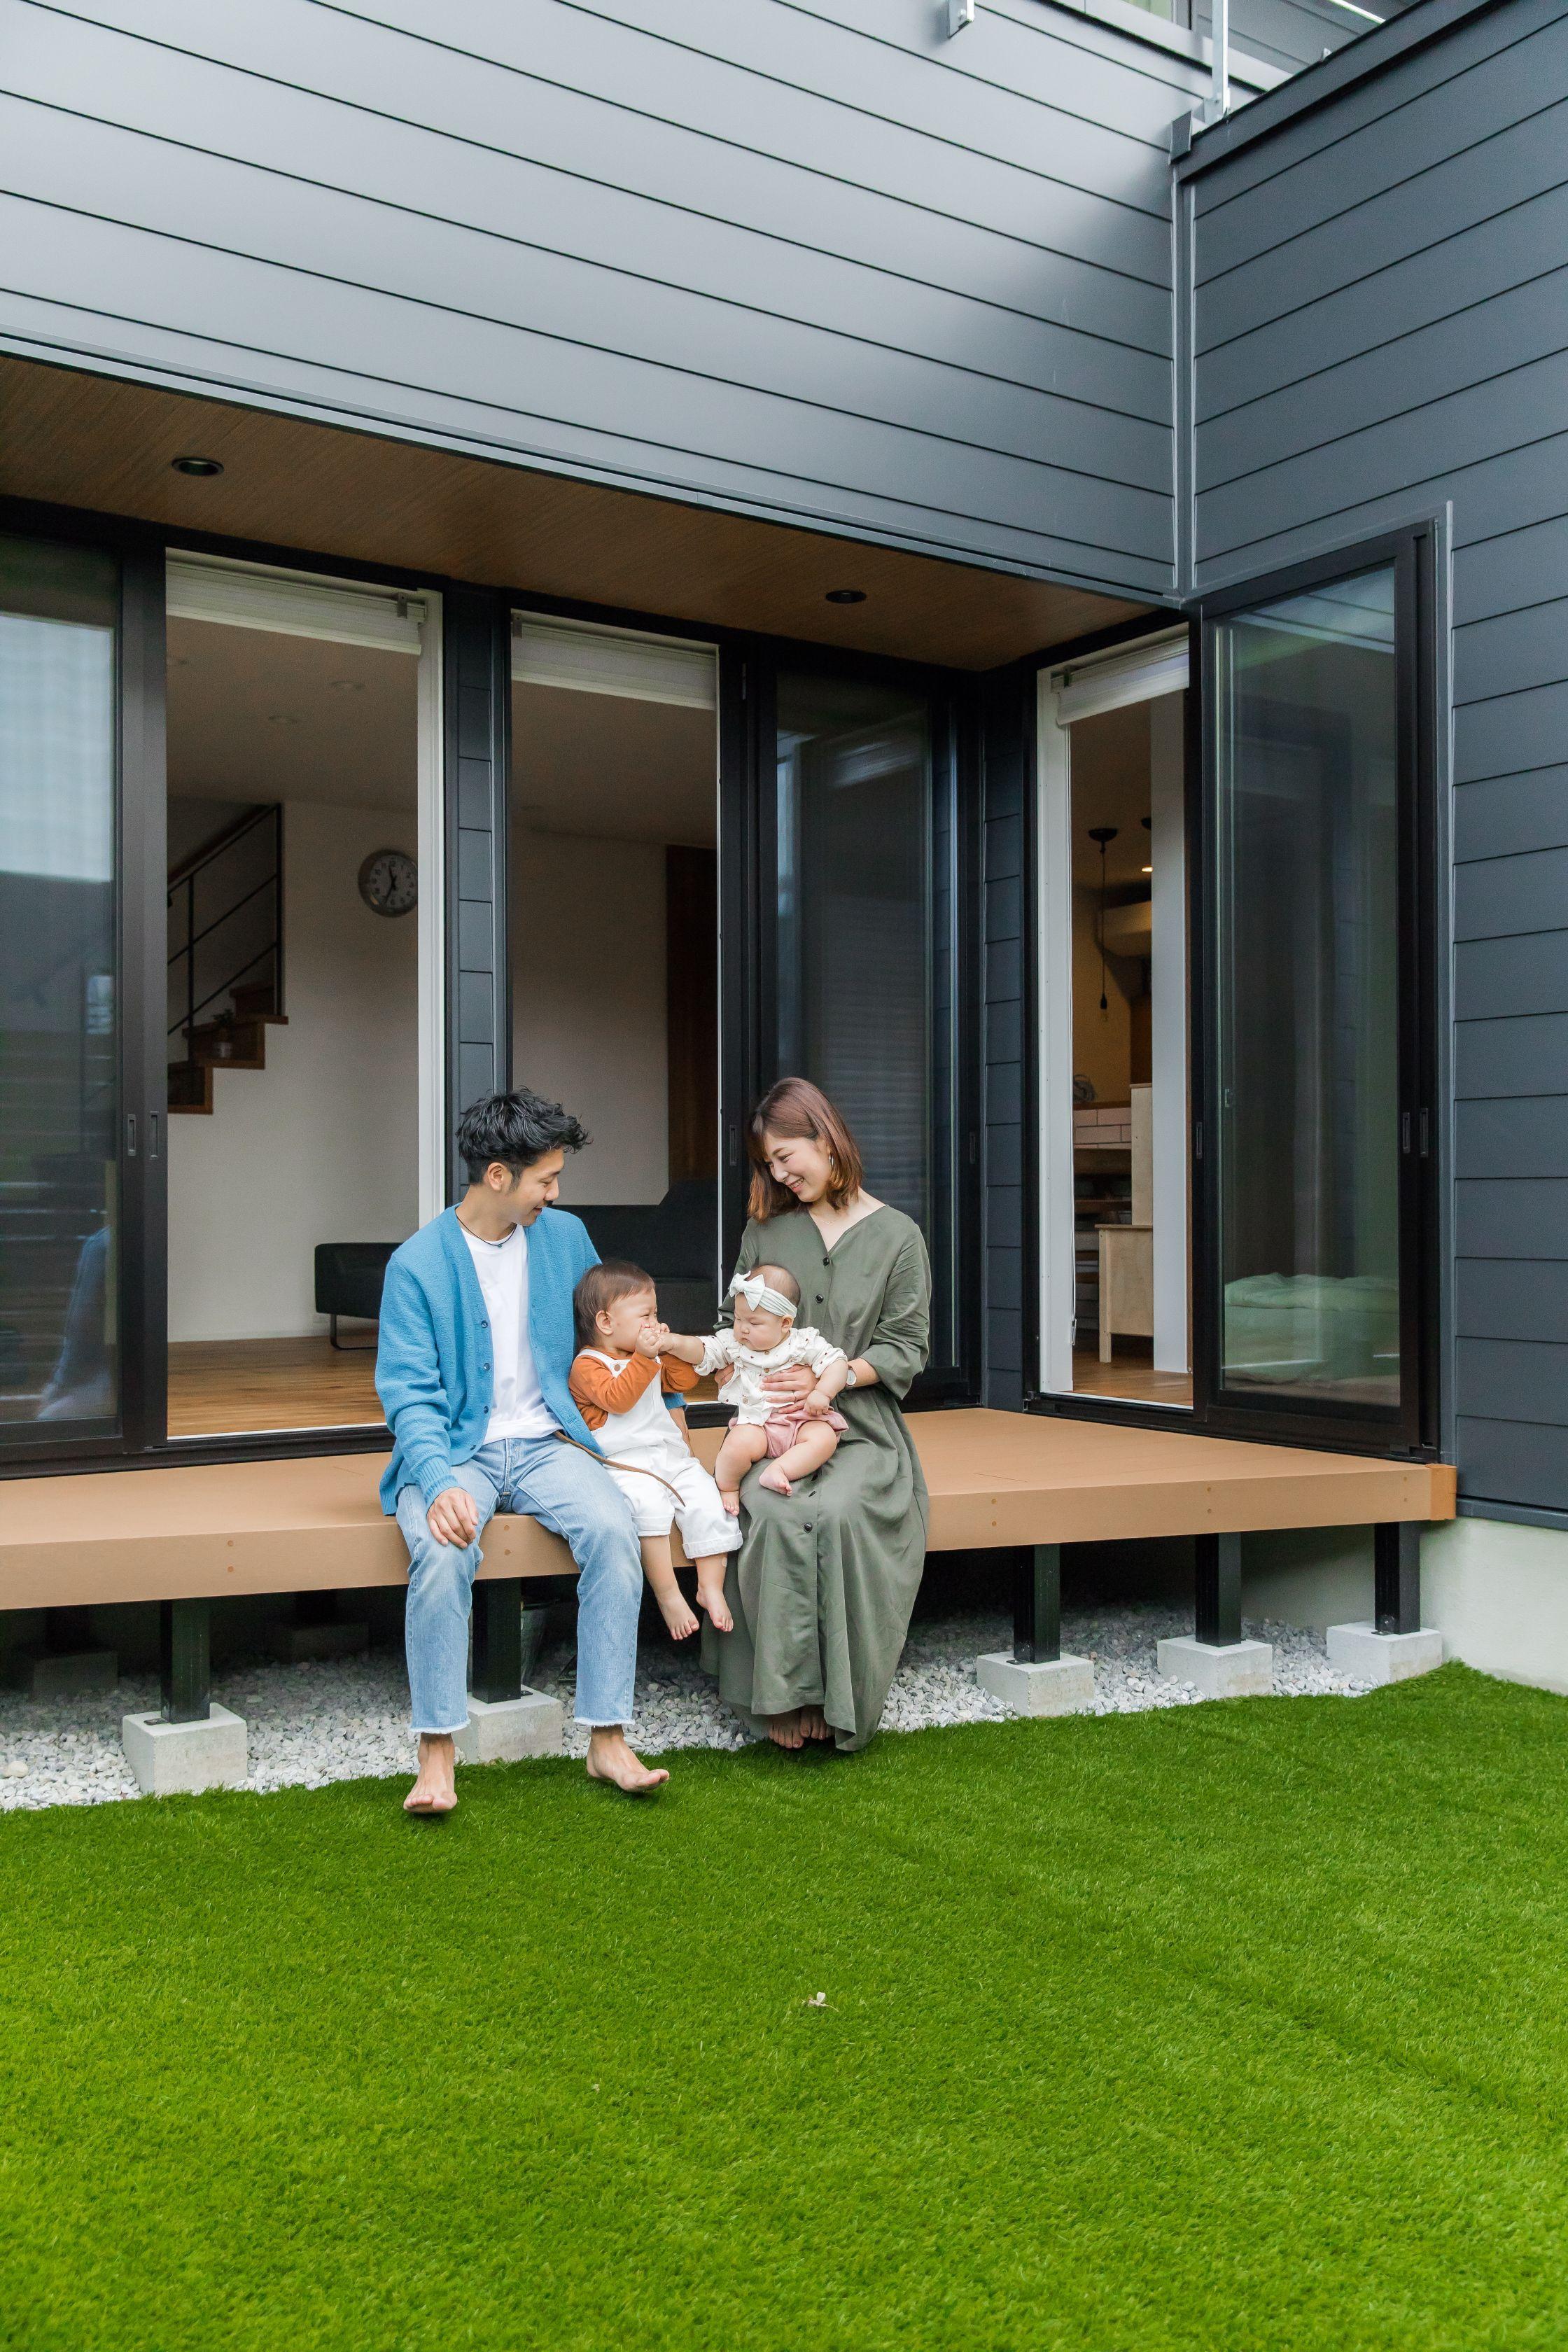 中庭のあるコの字型の家 新築 亀岡市 N様邸 2020 家